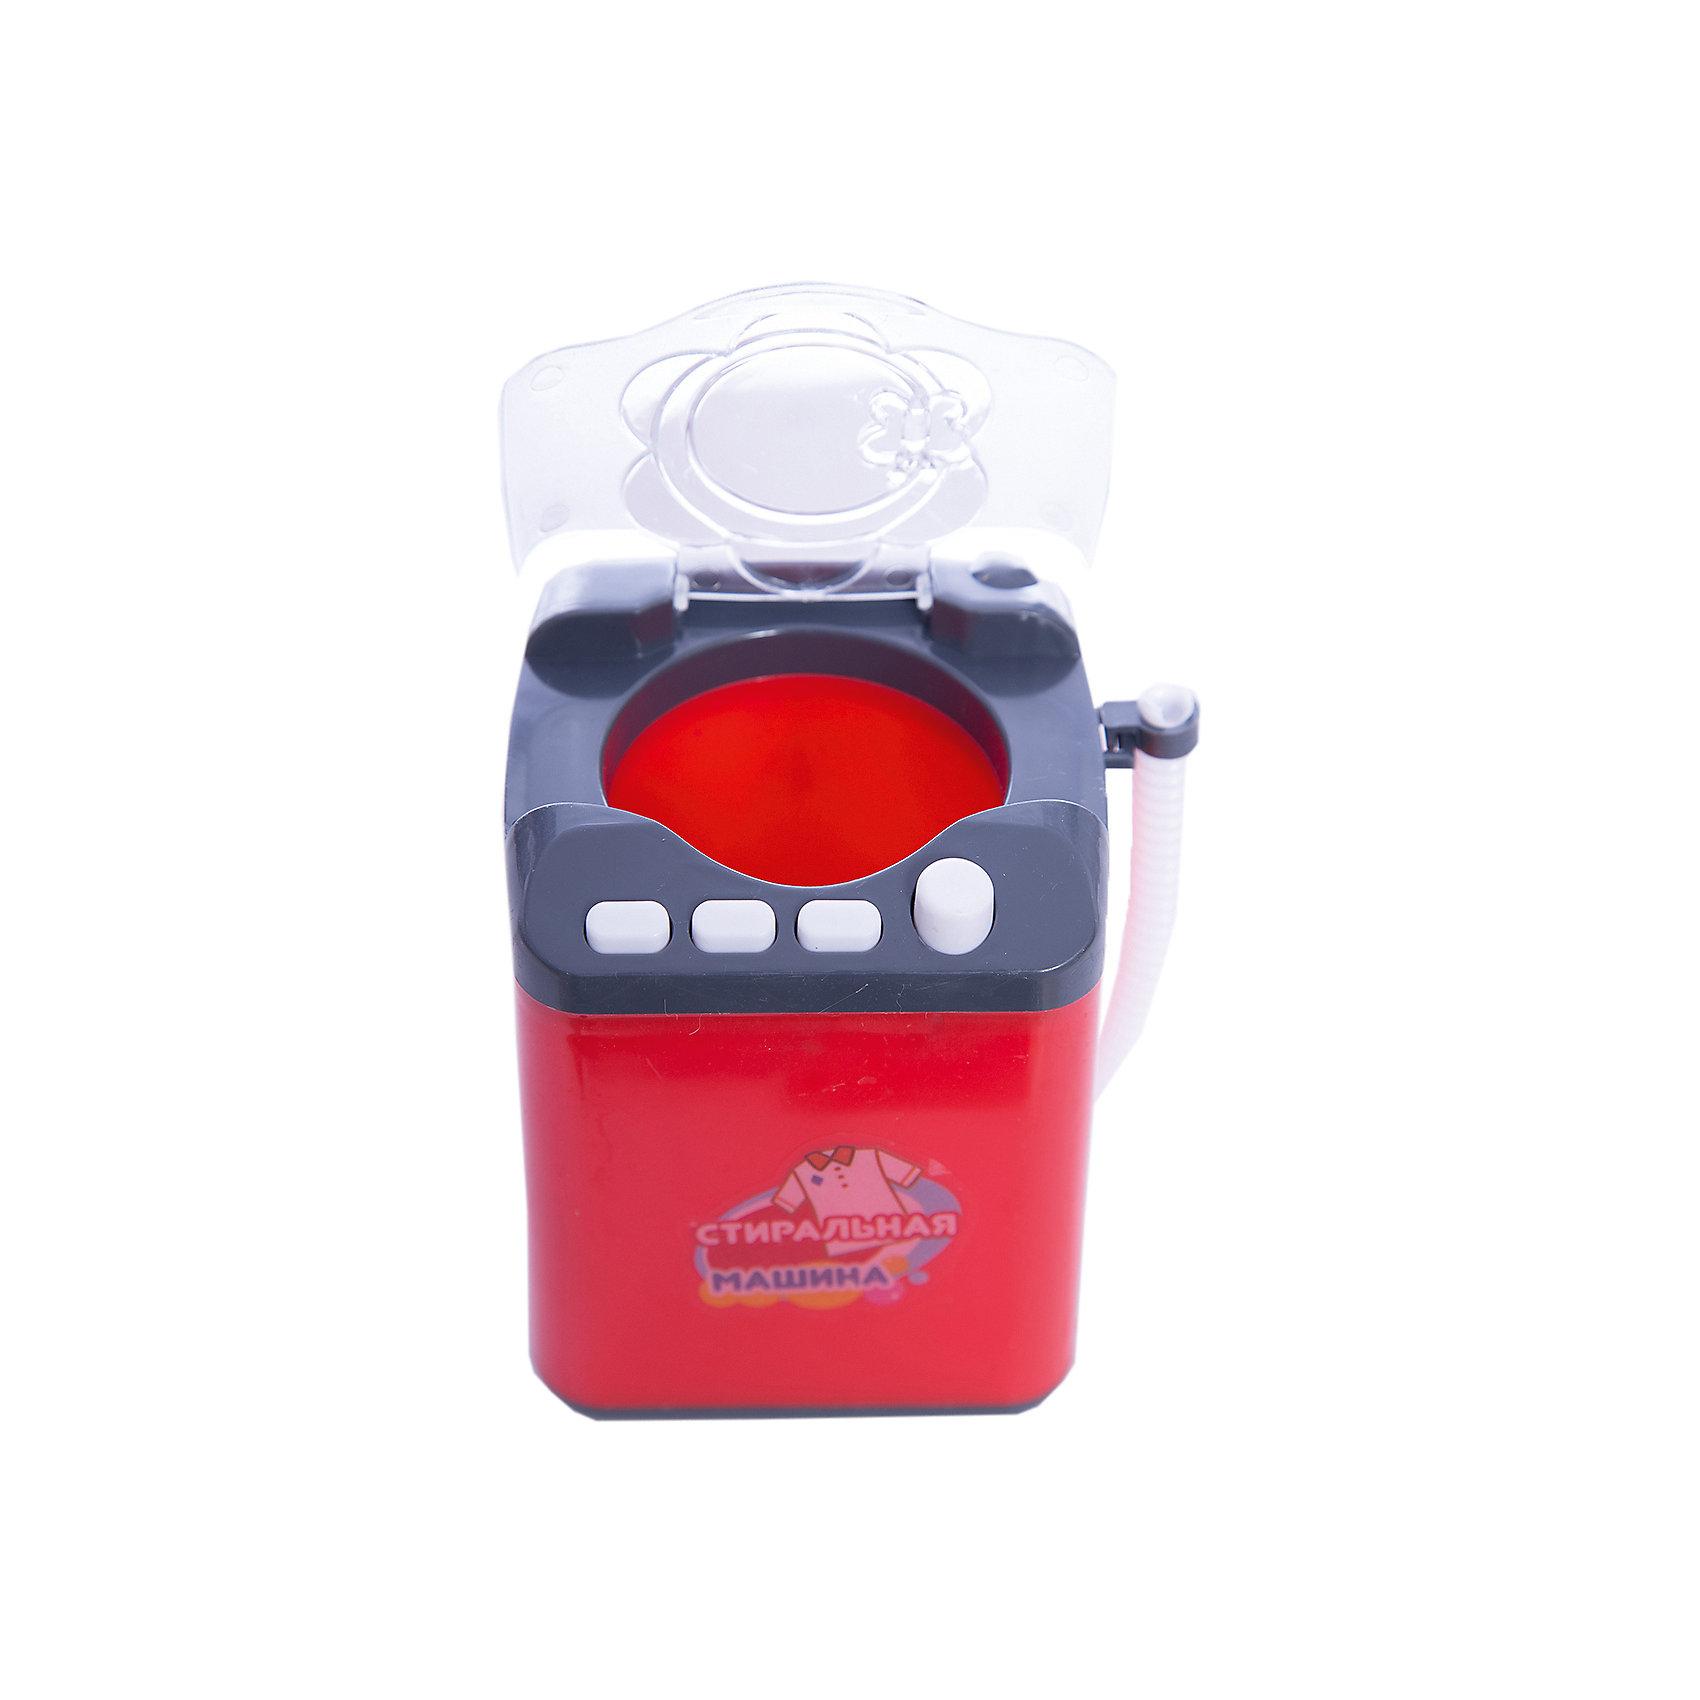 Стиральная машинка, со светом и звуком, ABtoysИгрушечная бытовая техника<br>Стиральная машинка, со светом и звуком, Abtoys (АБтойс)<br><br>Характеристики:<br><br>• светящиеся кнопочки<br>• реалистичные звуки<br>• материал: пластик<br>• батарейки : АА - 2 шт. (не входят в комплект)<br>• размер упаковки: 15,5х9х17 см<br>• вес: 200 грамм<br><br>Стиральная машинка от известного бренда Abtoys научит ребенка помогать маме стирать белье. Во время игры кнопочки загораются, а игрушка издает реалистичные звуки, похожие на настоящую стиральную машину. Стиральная машинка Abtoys изготовлена из качественного прочного пластика, благодаря чему, она прослужит вам очень долго. Для работы необходимы две батарейки АА (не входят в комплект).<br><br>Стиральную машинку, со светом и звуком, Abtoys (АБтойс) можно купить в нашем интернет-магазине.<br><br>Ширина мм: 155<br>Глубина мм: 90<br>Высота мм: 170<br>Вес г: 200<br>Возраст от месяцев: 36<br>Возраст до месяцев: 2147483647<br>Пол: Женский<br>Возраст: Детский<br>SKU: 5571421